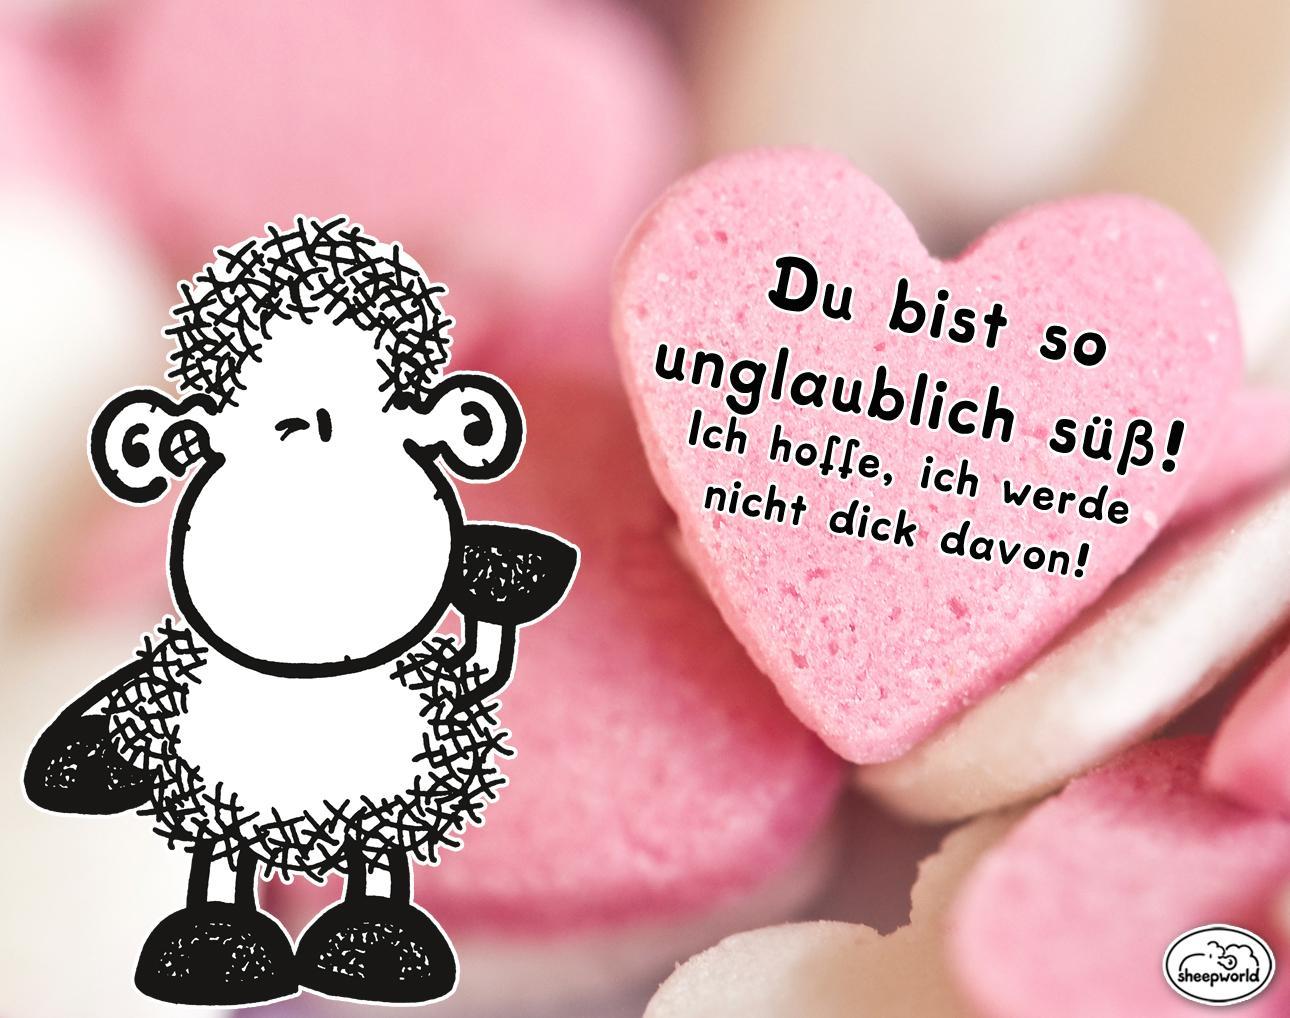 sheepworld on Twitter: Du bist so #süß, kein Wunder, dass